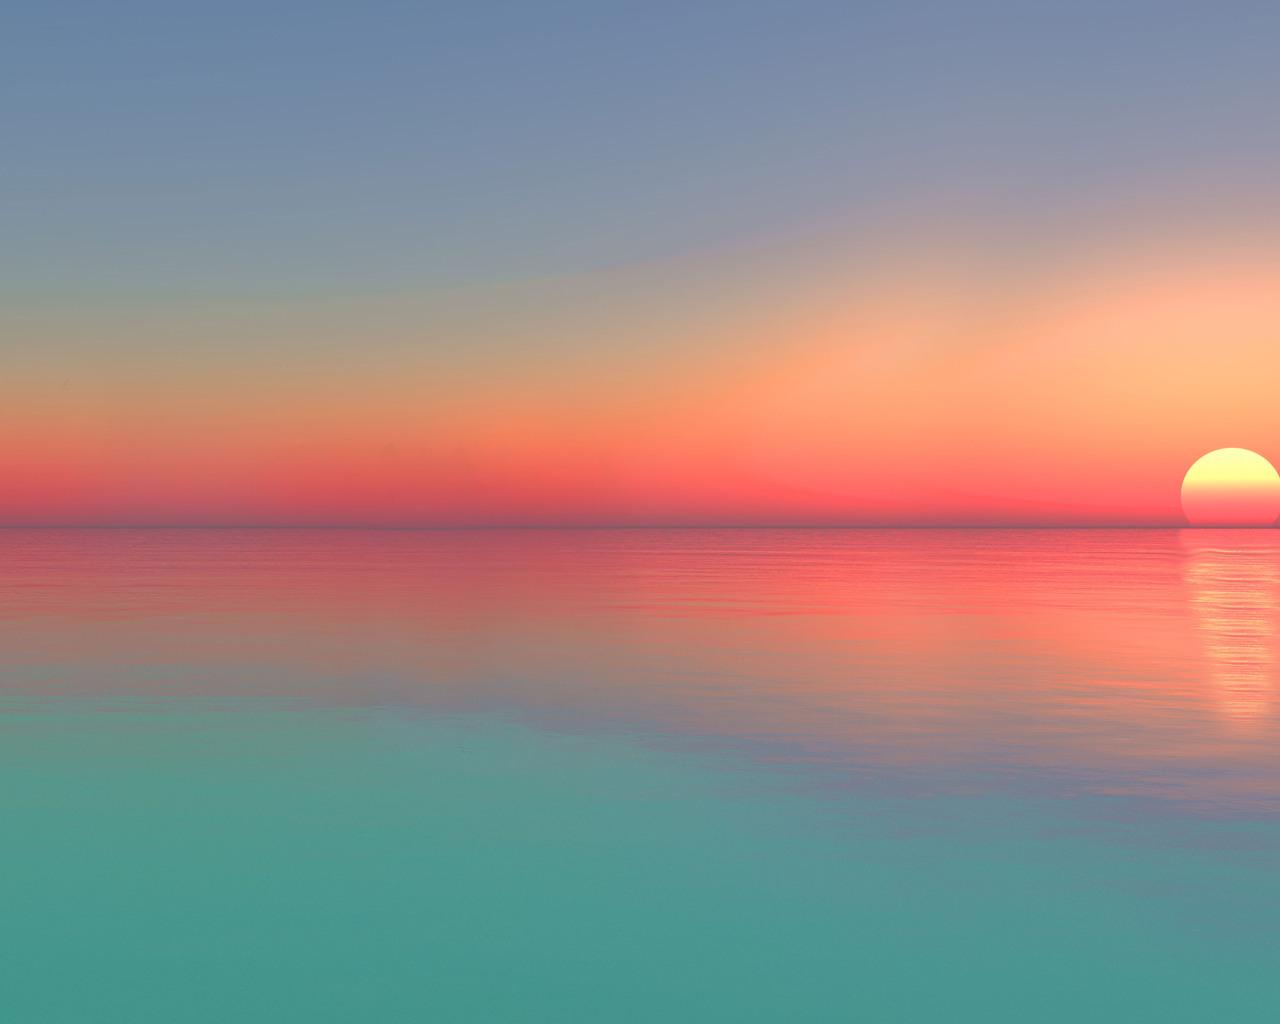 1280x1024 Calm Sunset Ocean Digital Art 5k 1280x1024 Resolution Hd